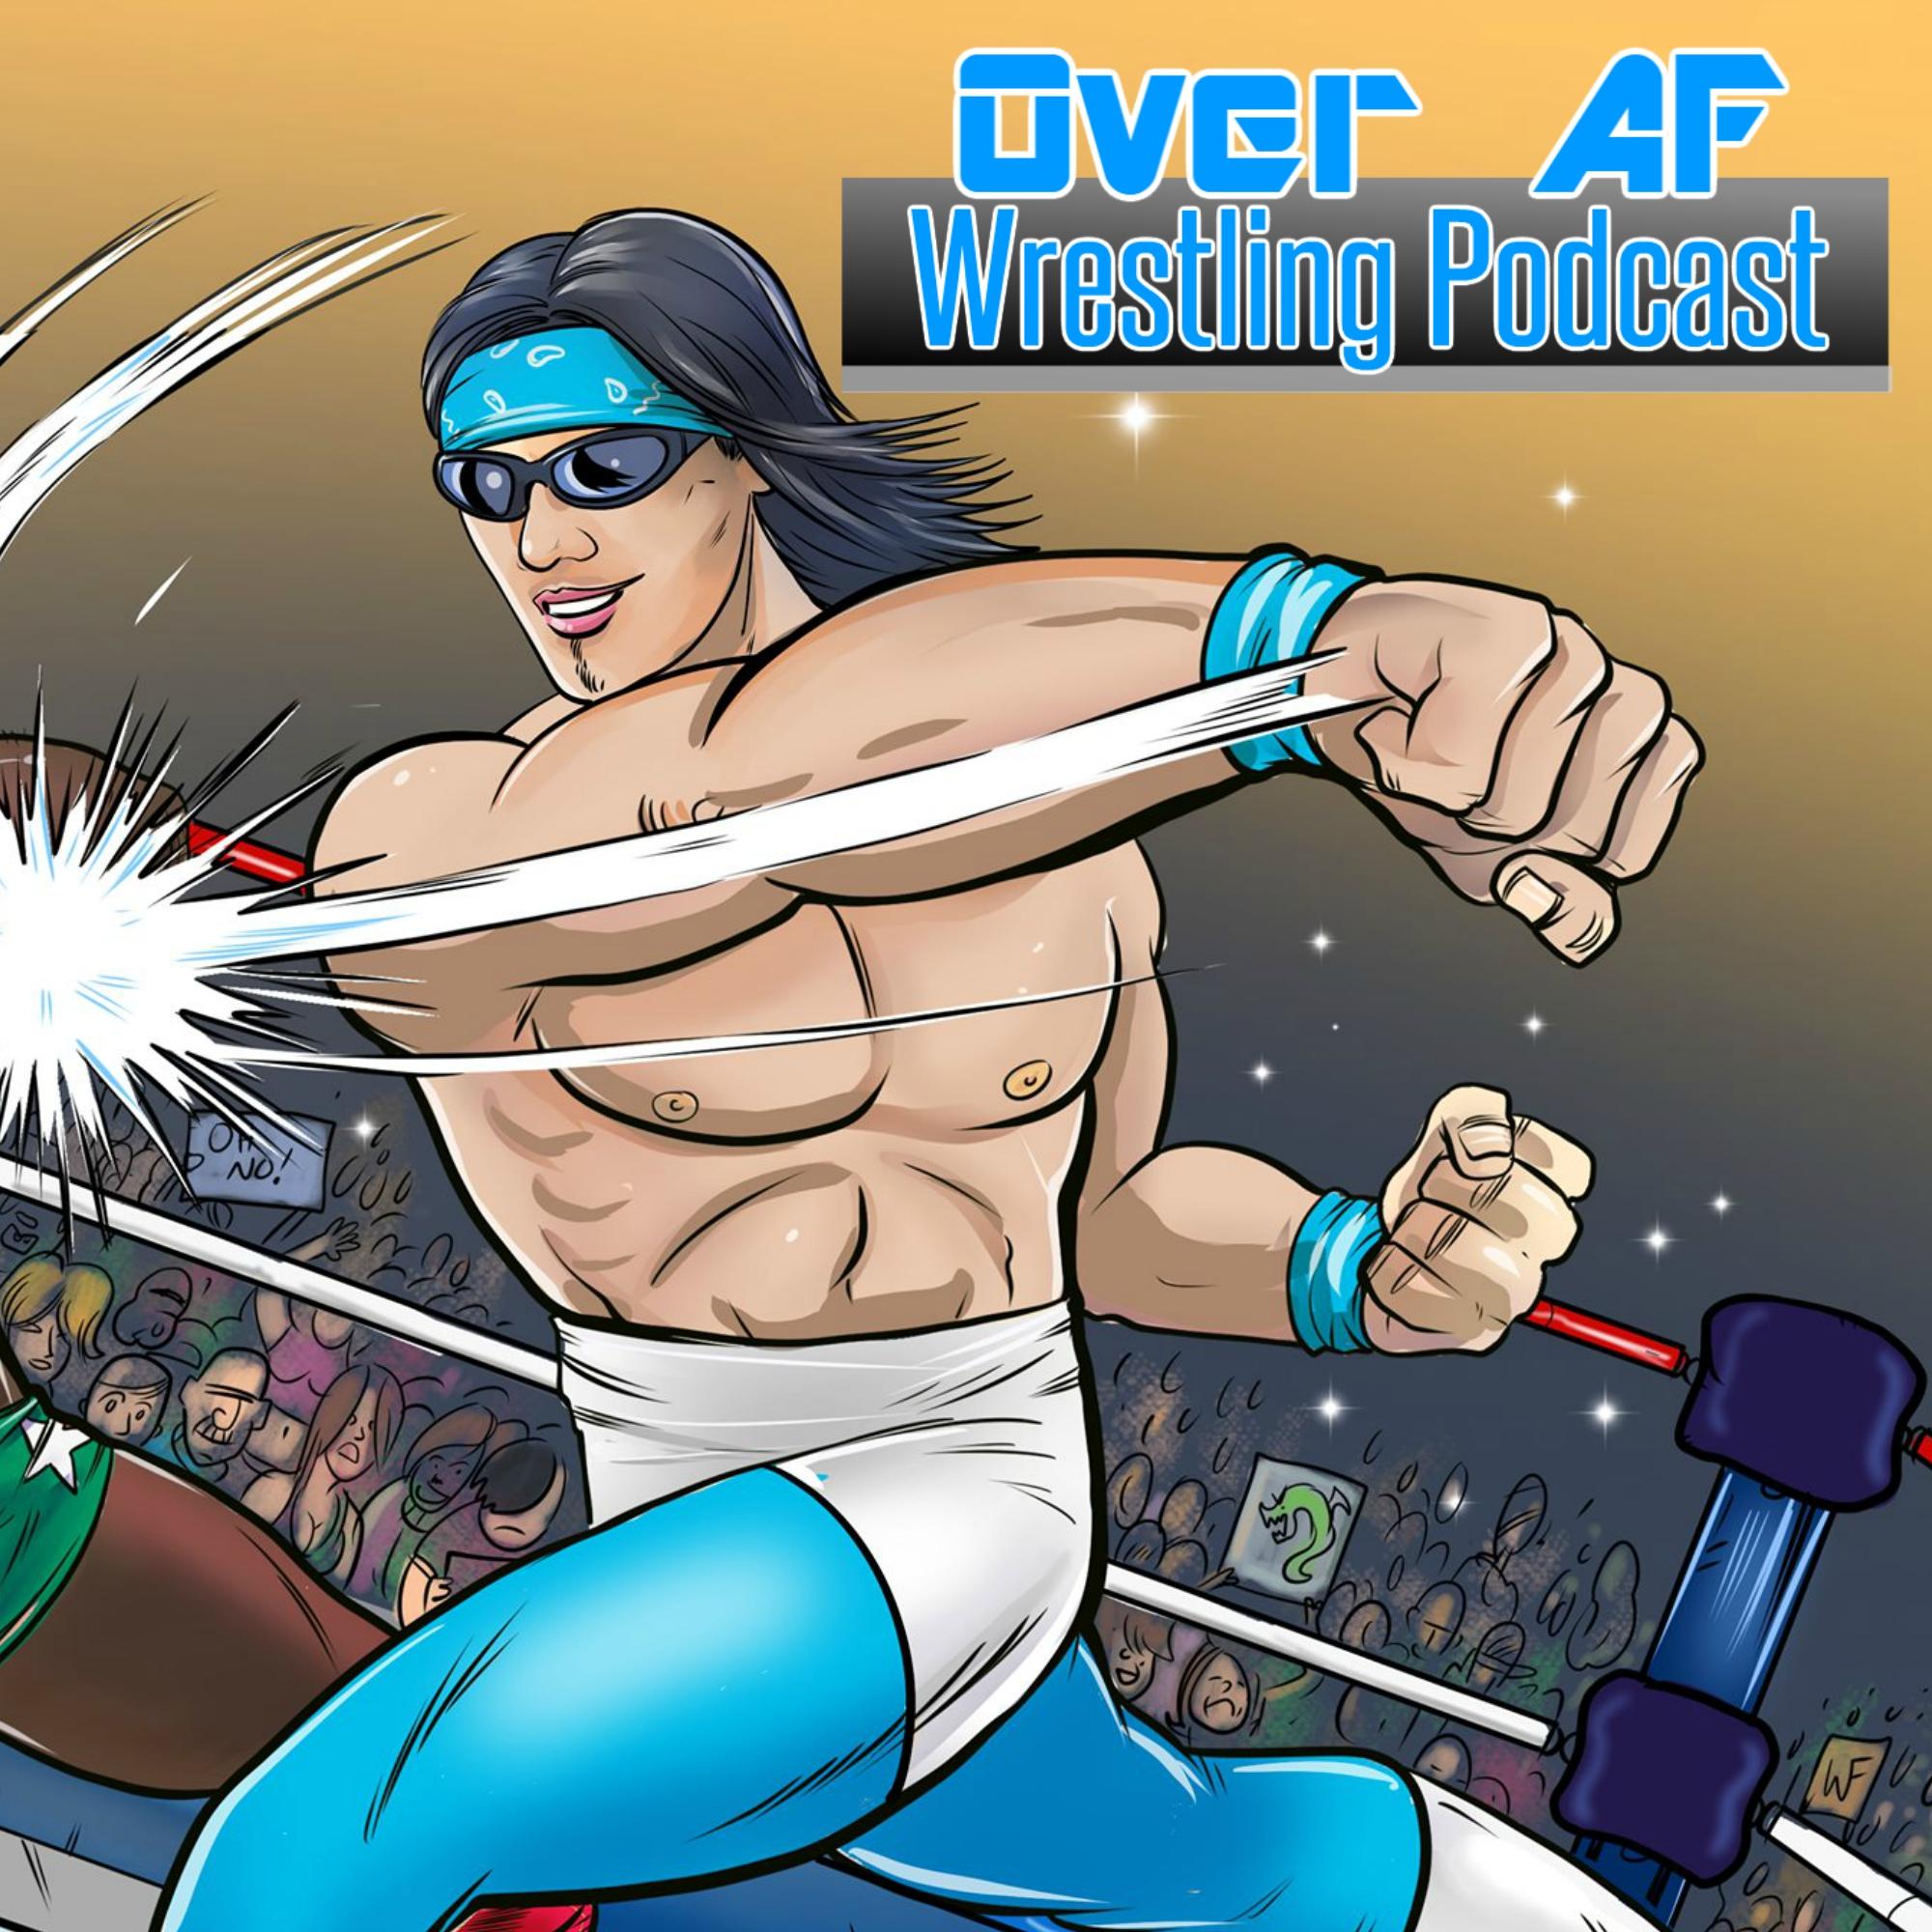 Over Af Wrestling Podcast show art